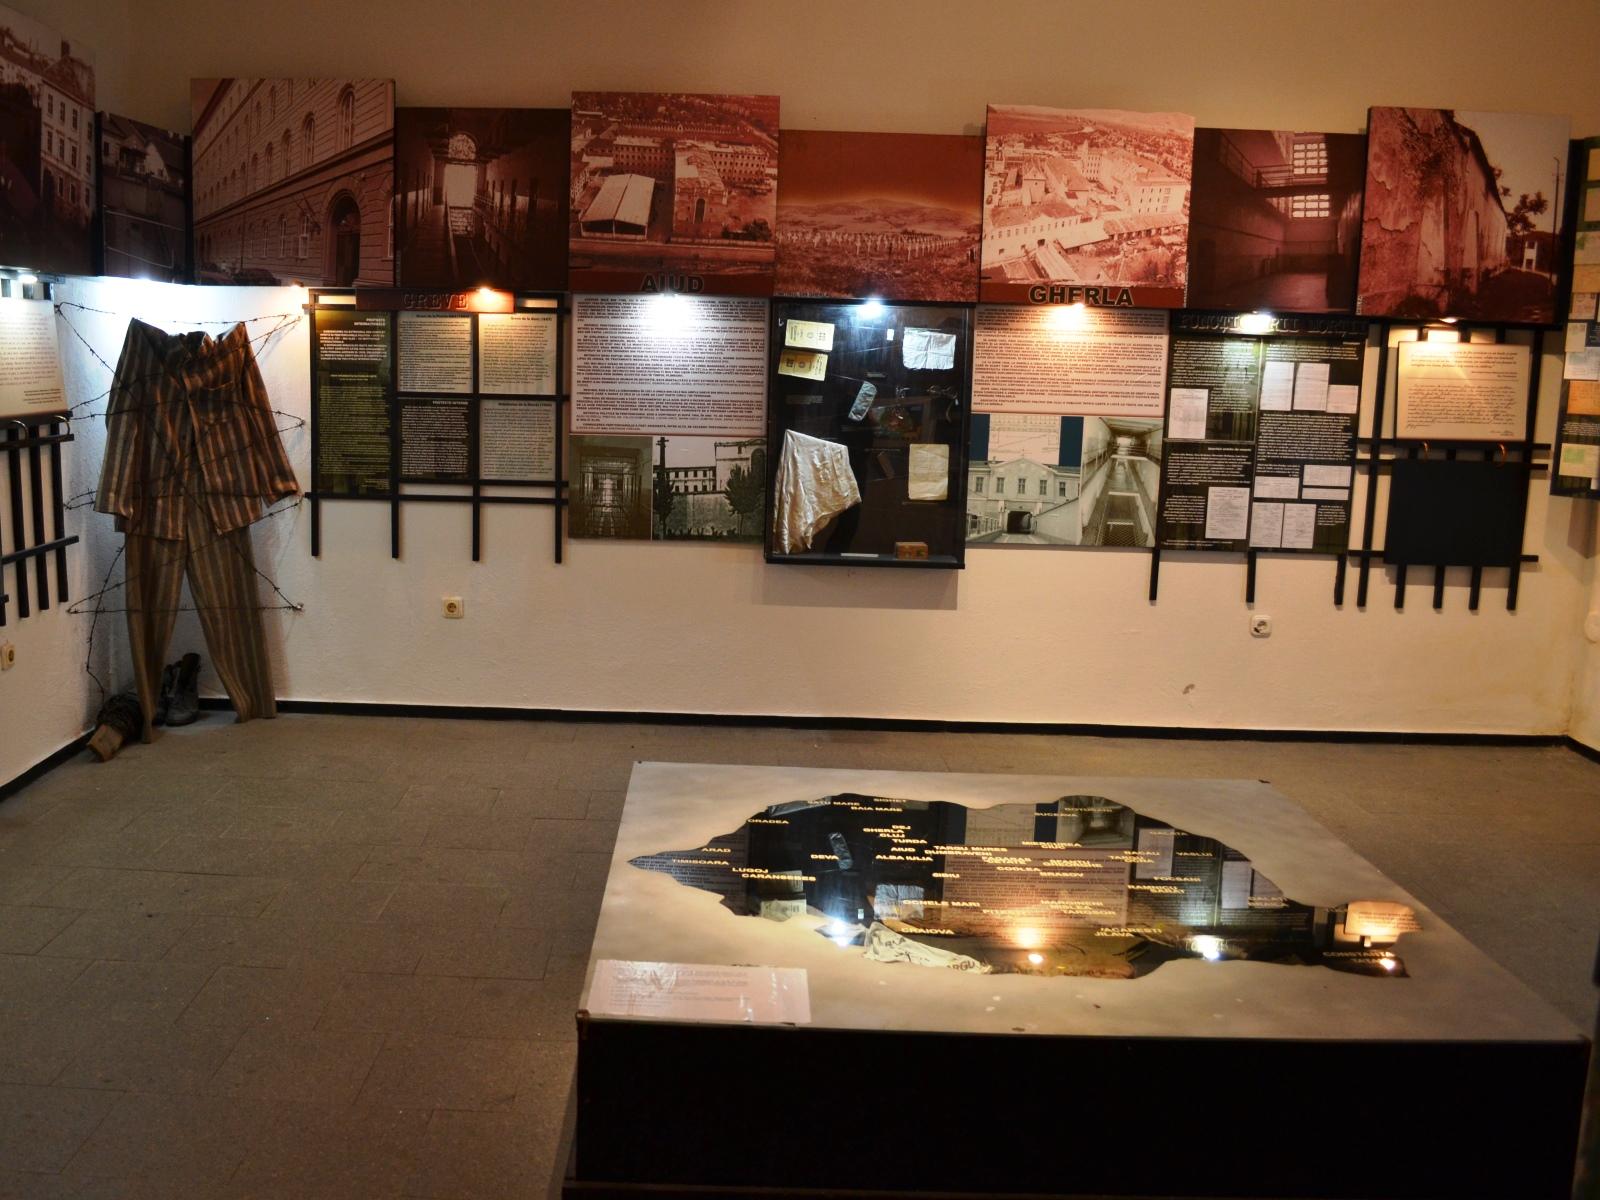 Memorialul Victimelor Comunismului și al Rezistenței 5 - Memorialul Victimelor Comunismului și al Rezistenței – Cel mai impresionant muzeu din România